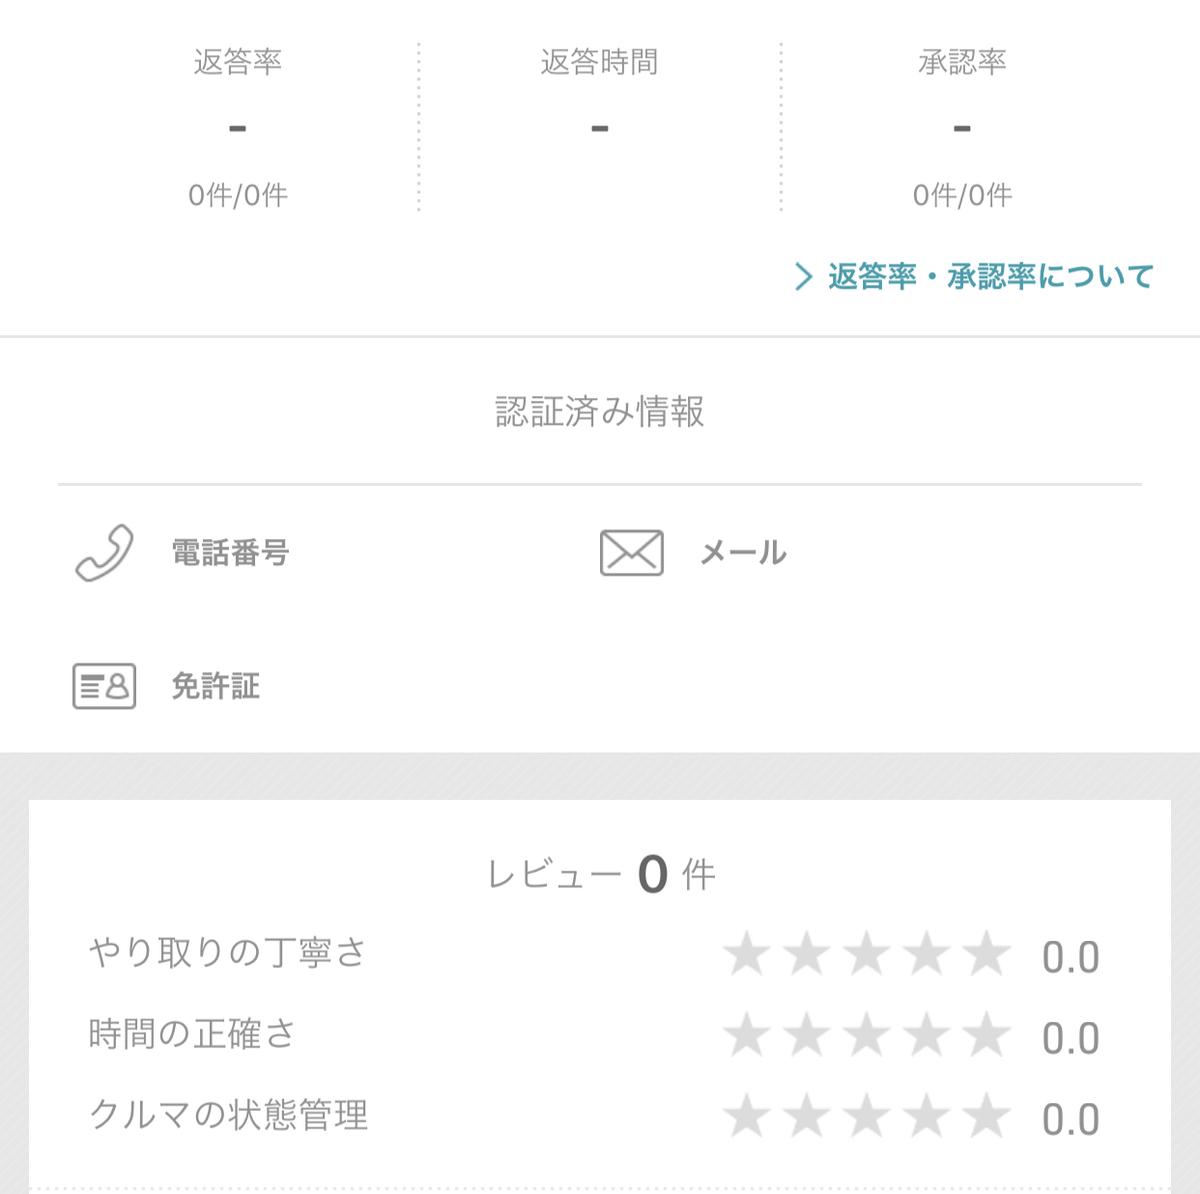 f:id:sugisan_san:20190427120440j:plain